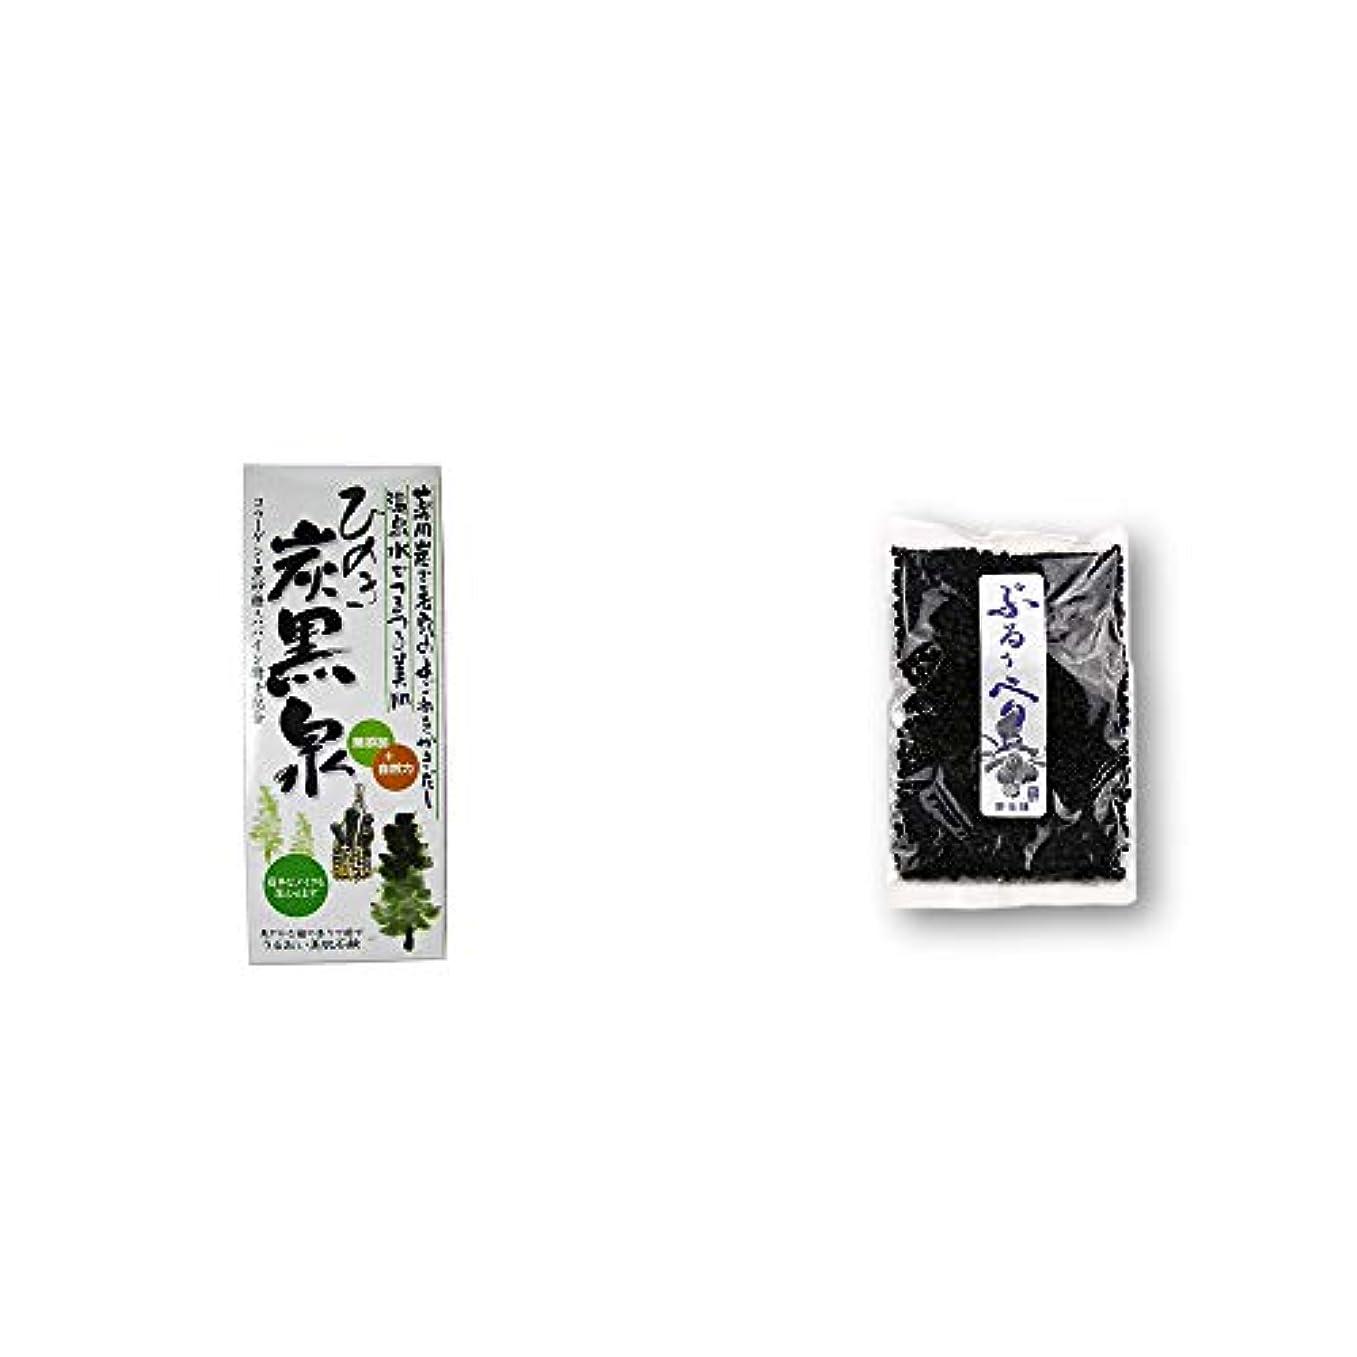 審判おなじみの有料[2点セット] ひのき炭黒泉 箱入り(75g×3)?野生種ぶるぅべりぃ(260g)